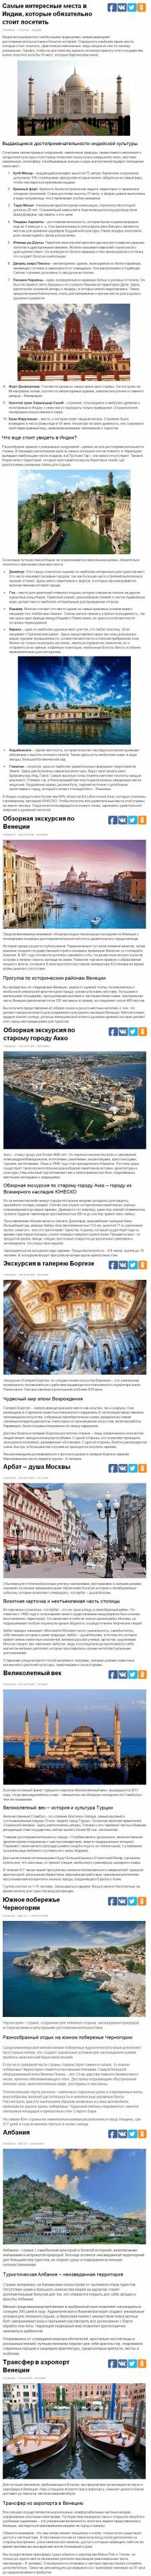 ТУРИЗМ | Портал гидов и экскурсий ExcursGuide.ru